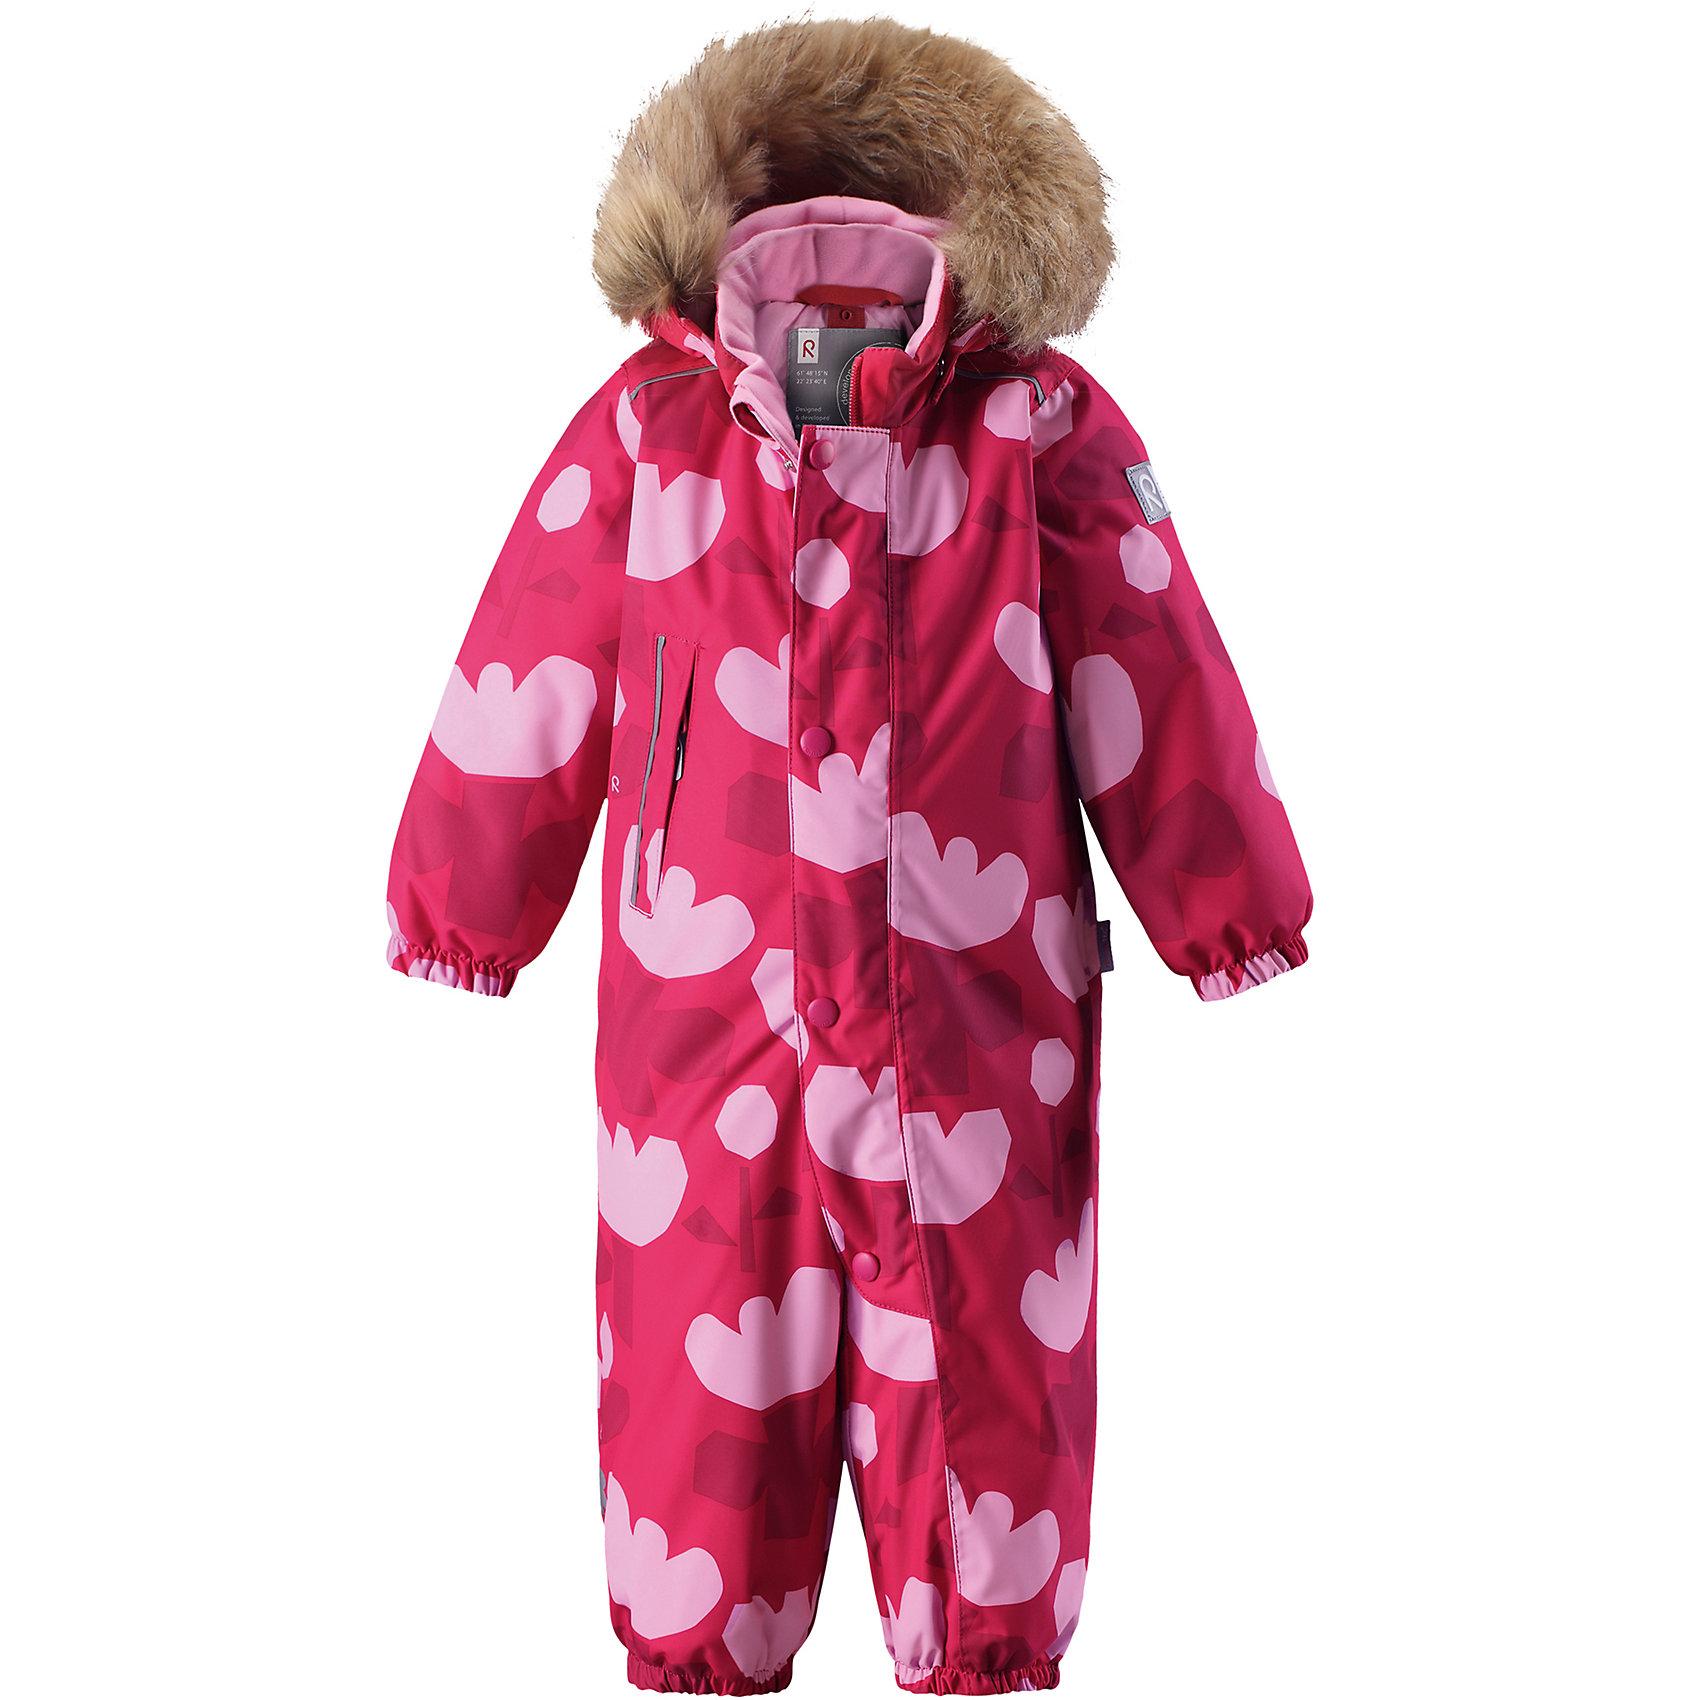 Комбинезон Reima Reimatec® Nuoska для девочкиВерхняя одежда<br>Характеристики товара:<br><br>• цвет: розовый<br>• состав: 100% полиэстер<br>• утеплитель: 160 г/м2 (soft loft insulation)<br>• сезон: зима<br>• температурный режим: от 0 до -20С<br>• водонепроницаемость: 15000 мм<br>• воздухопроницаемость: 7000 мм<br>• износостойкость: 40000 циклов (тест Мартиндейла)<br>• особенности модели: с рисунком,  с мехом<br>• основные швы проклеены и не пропускают влагу<br>• водо- и ветронепроницаемый, дышащий и грязеотталкивающий материал<br>• утепленная задняя часть изделия<br>• гладкая подкладка из полиэстера<br>• безопасный, съемный, регулируемый капюшон<br>• съемный искусственный мех на капюшоне<br>• защита подбородка от защемления<br>• эластичные манжеты и штанины<br>• эластичная талия<br>• съемные эластичные штрипки <br>• длинная молния для легкого надевания<br>• дополнительная планка с кнопками<br>• карман на молнии<br>• светоотражающие детали<br>• страна бренда: Финляндия<br>• страна изготовитель: Китай<br><br>Зимний комбинезон на молнии для девочки! Основные швы комбинезона проклеены, а сам он изготовлен из водо и ветронепроницаемого, грязеотталкивающего материала. Утепленная задняя часть обеспечит дополнительное утепление во время игр в снегу.<br><br>Гладкая подкладка и длинная молния облегчают надевание, а талия в комбинезоне регулируется. Маленький карман на молнии надежно сохранит все сокровища. Обратите внимание: комбинезон можно сушить в сушильной машине. Зимний комбинезон с капюшоном для девочки декорирован рисунком с цветами.<br><br>Комбинезон Nuoska для девочки Reimatec® Reima от финского бренда Reima (Рейма) можно купить в нашем интернет-магазине.<br><br>Ширина мм: 356<br>Глубина мм: 10<br>Высота мм: 245<br>Вес г: 519<br>Цвет: розовый<br>Возраст от месяцев: 6<br>Возраст до месяцев: 9<br>Пол: Женский<br>Возраст: Детский<br>Размер: 74,98,92,86,80<br>SKU: 6908098